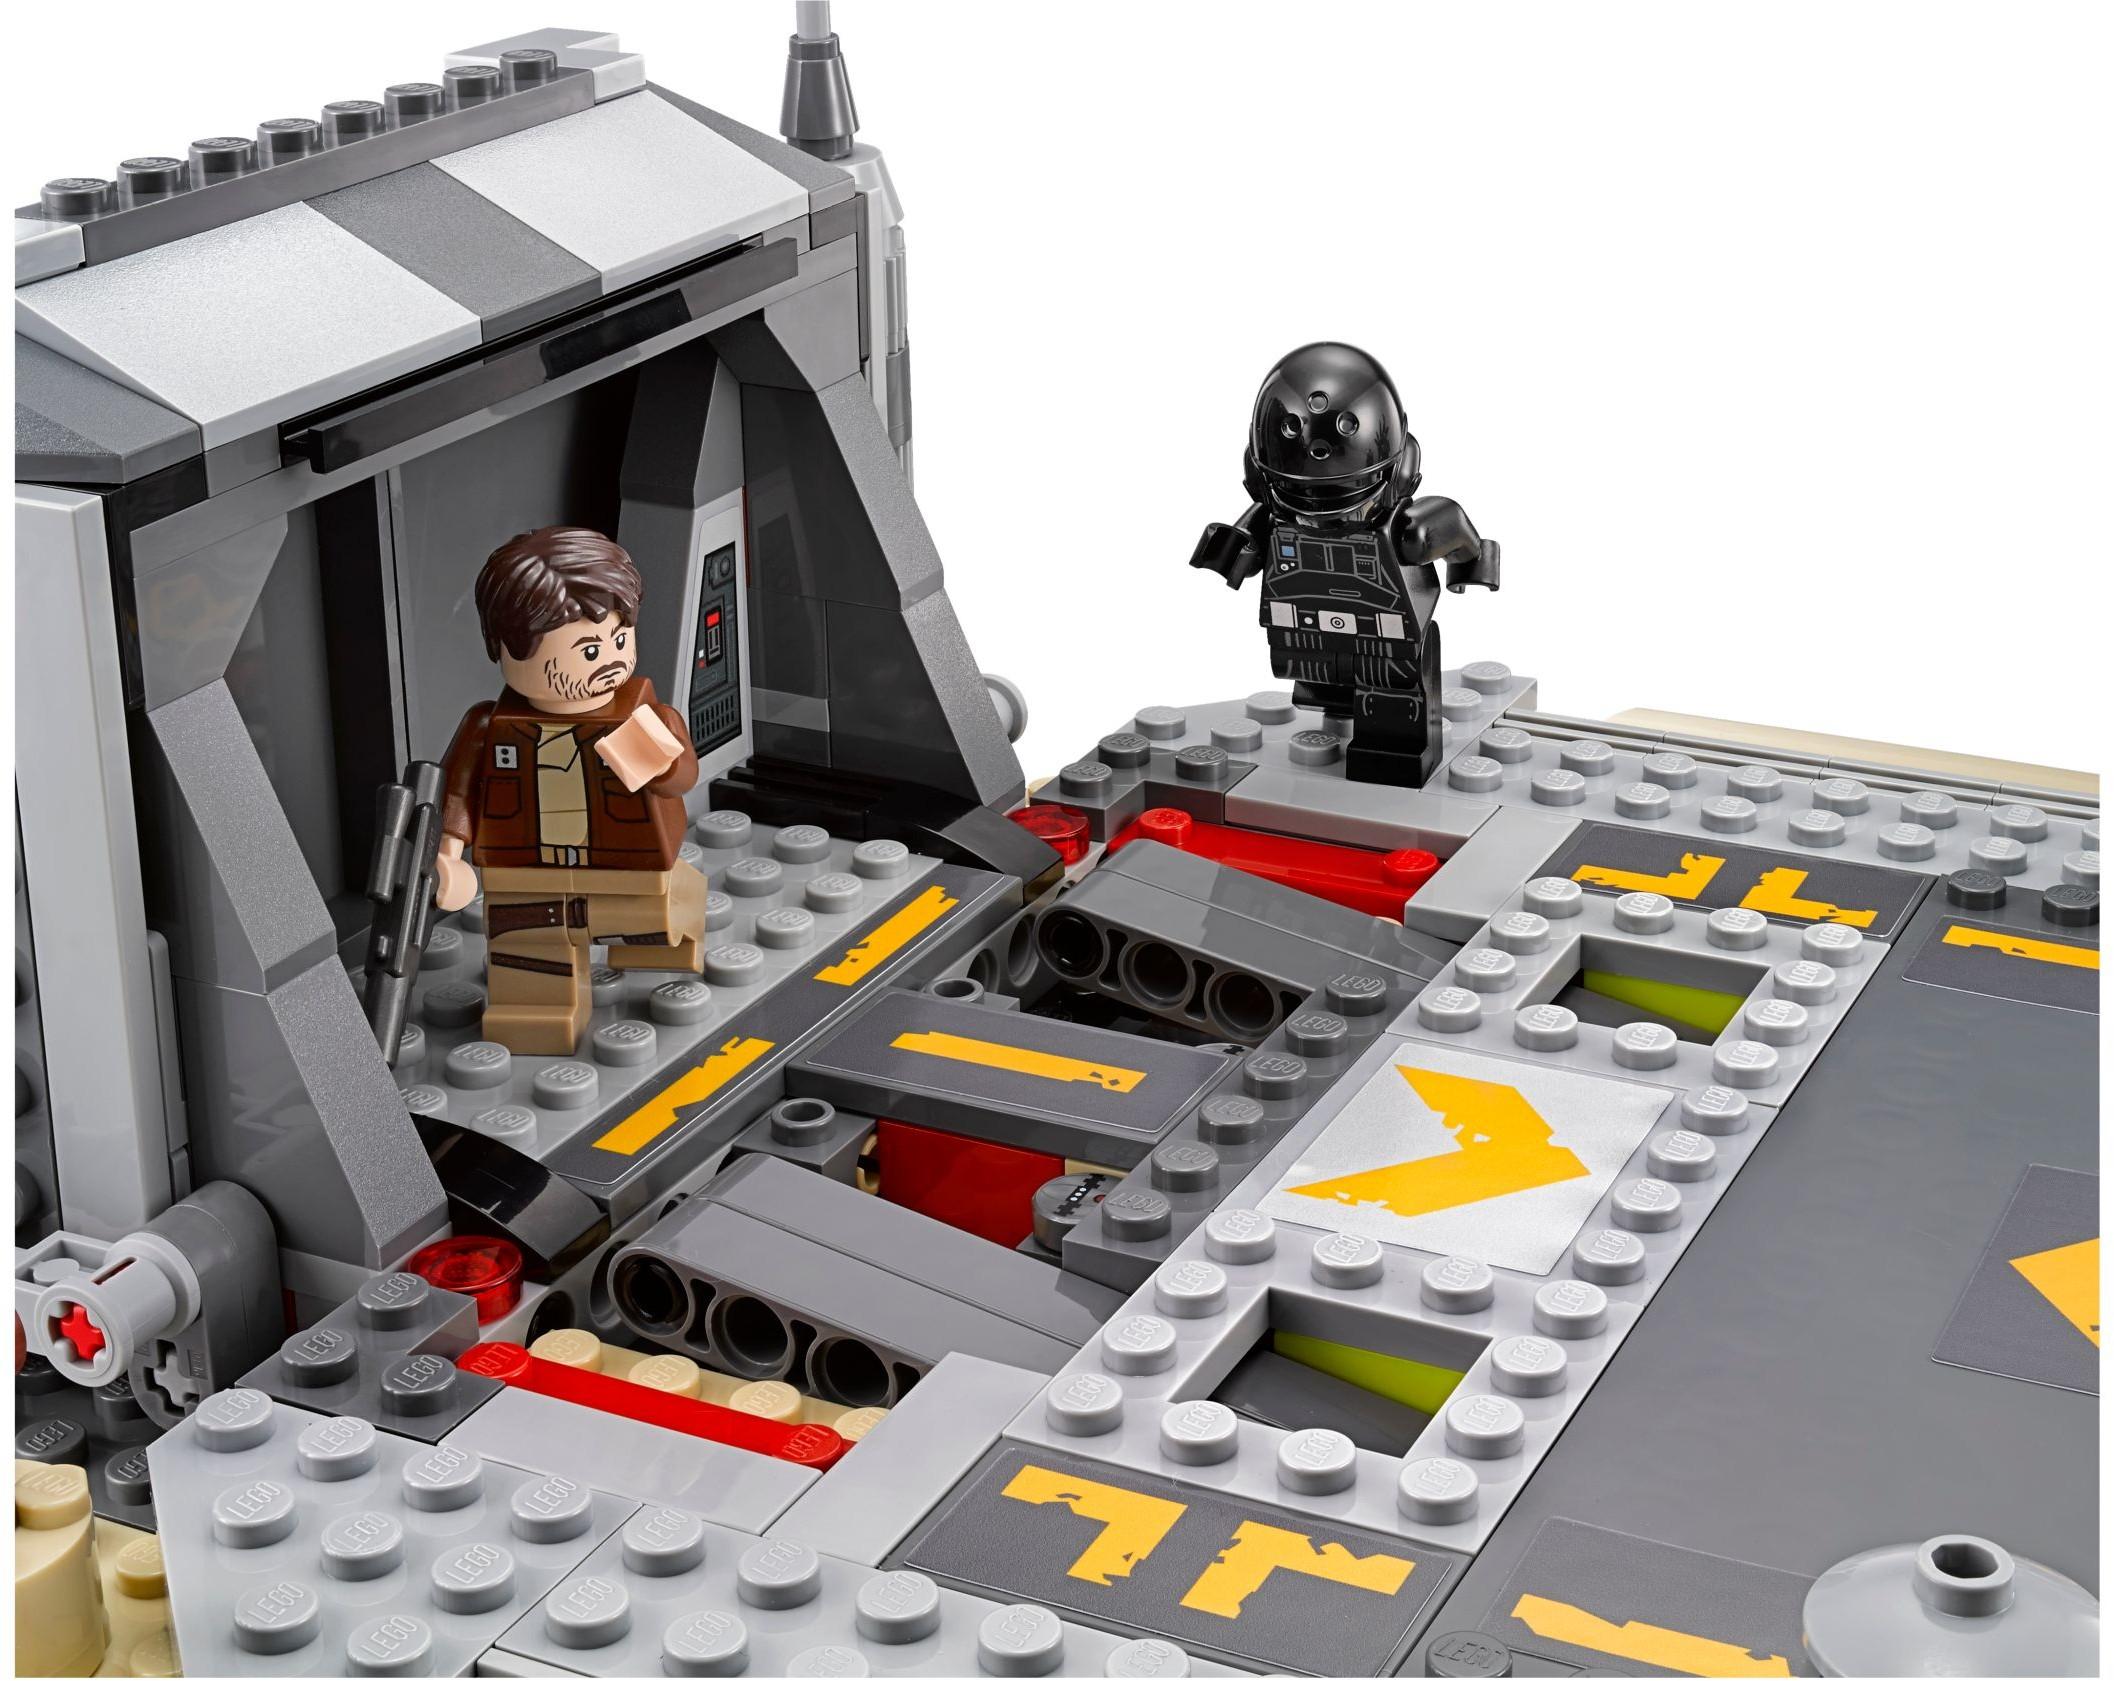 https://i2.wp.com/images.brickset.com/sets/AdditionalImages/75171-1/75171_alt3.jpg